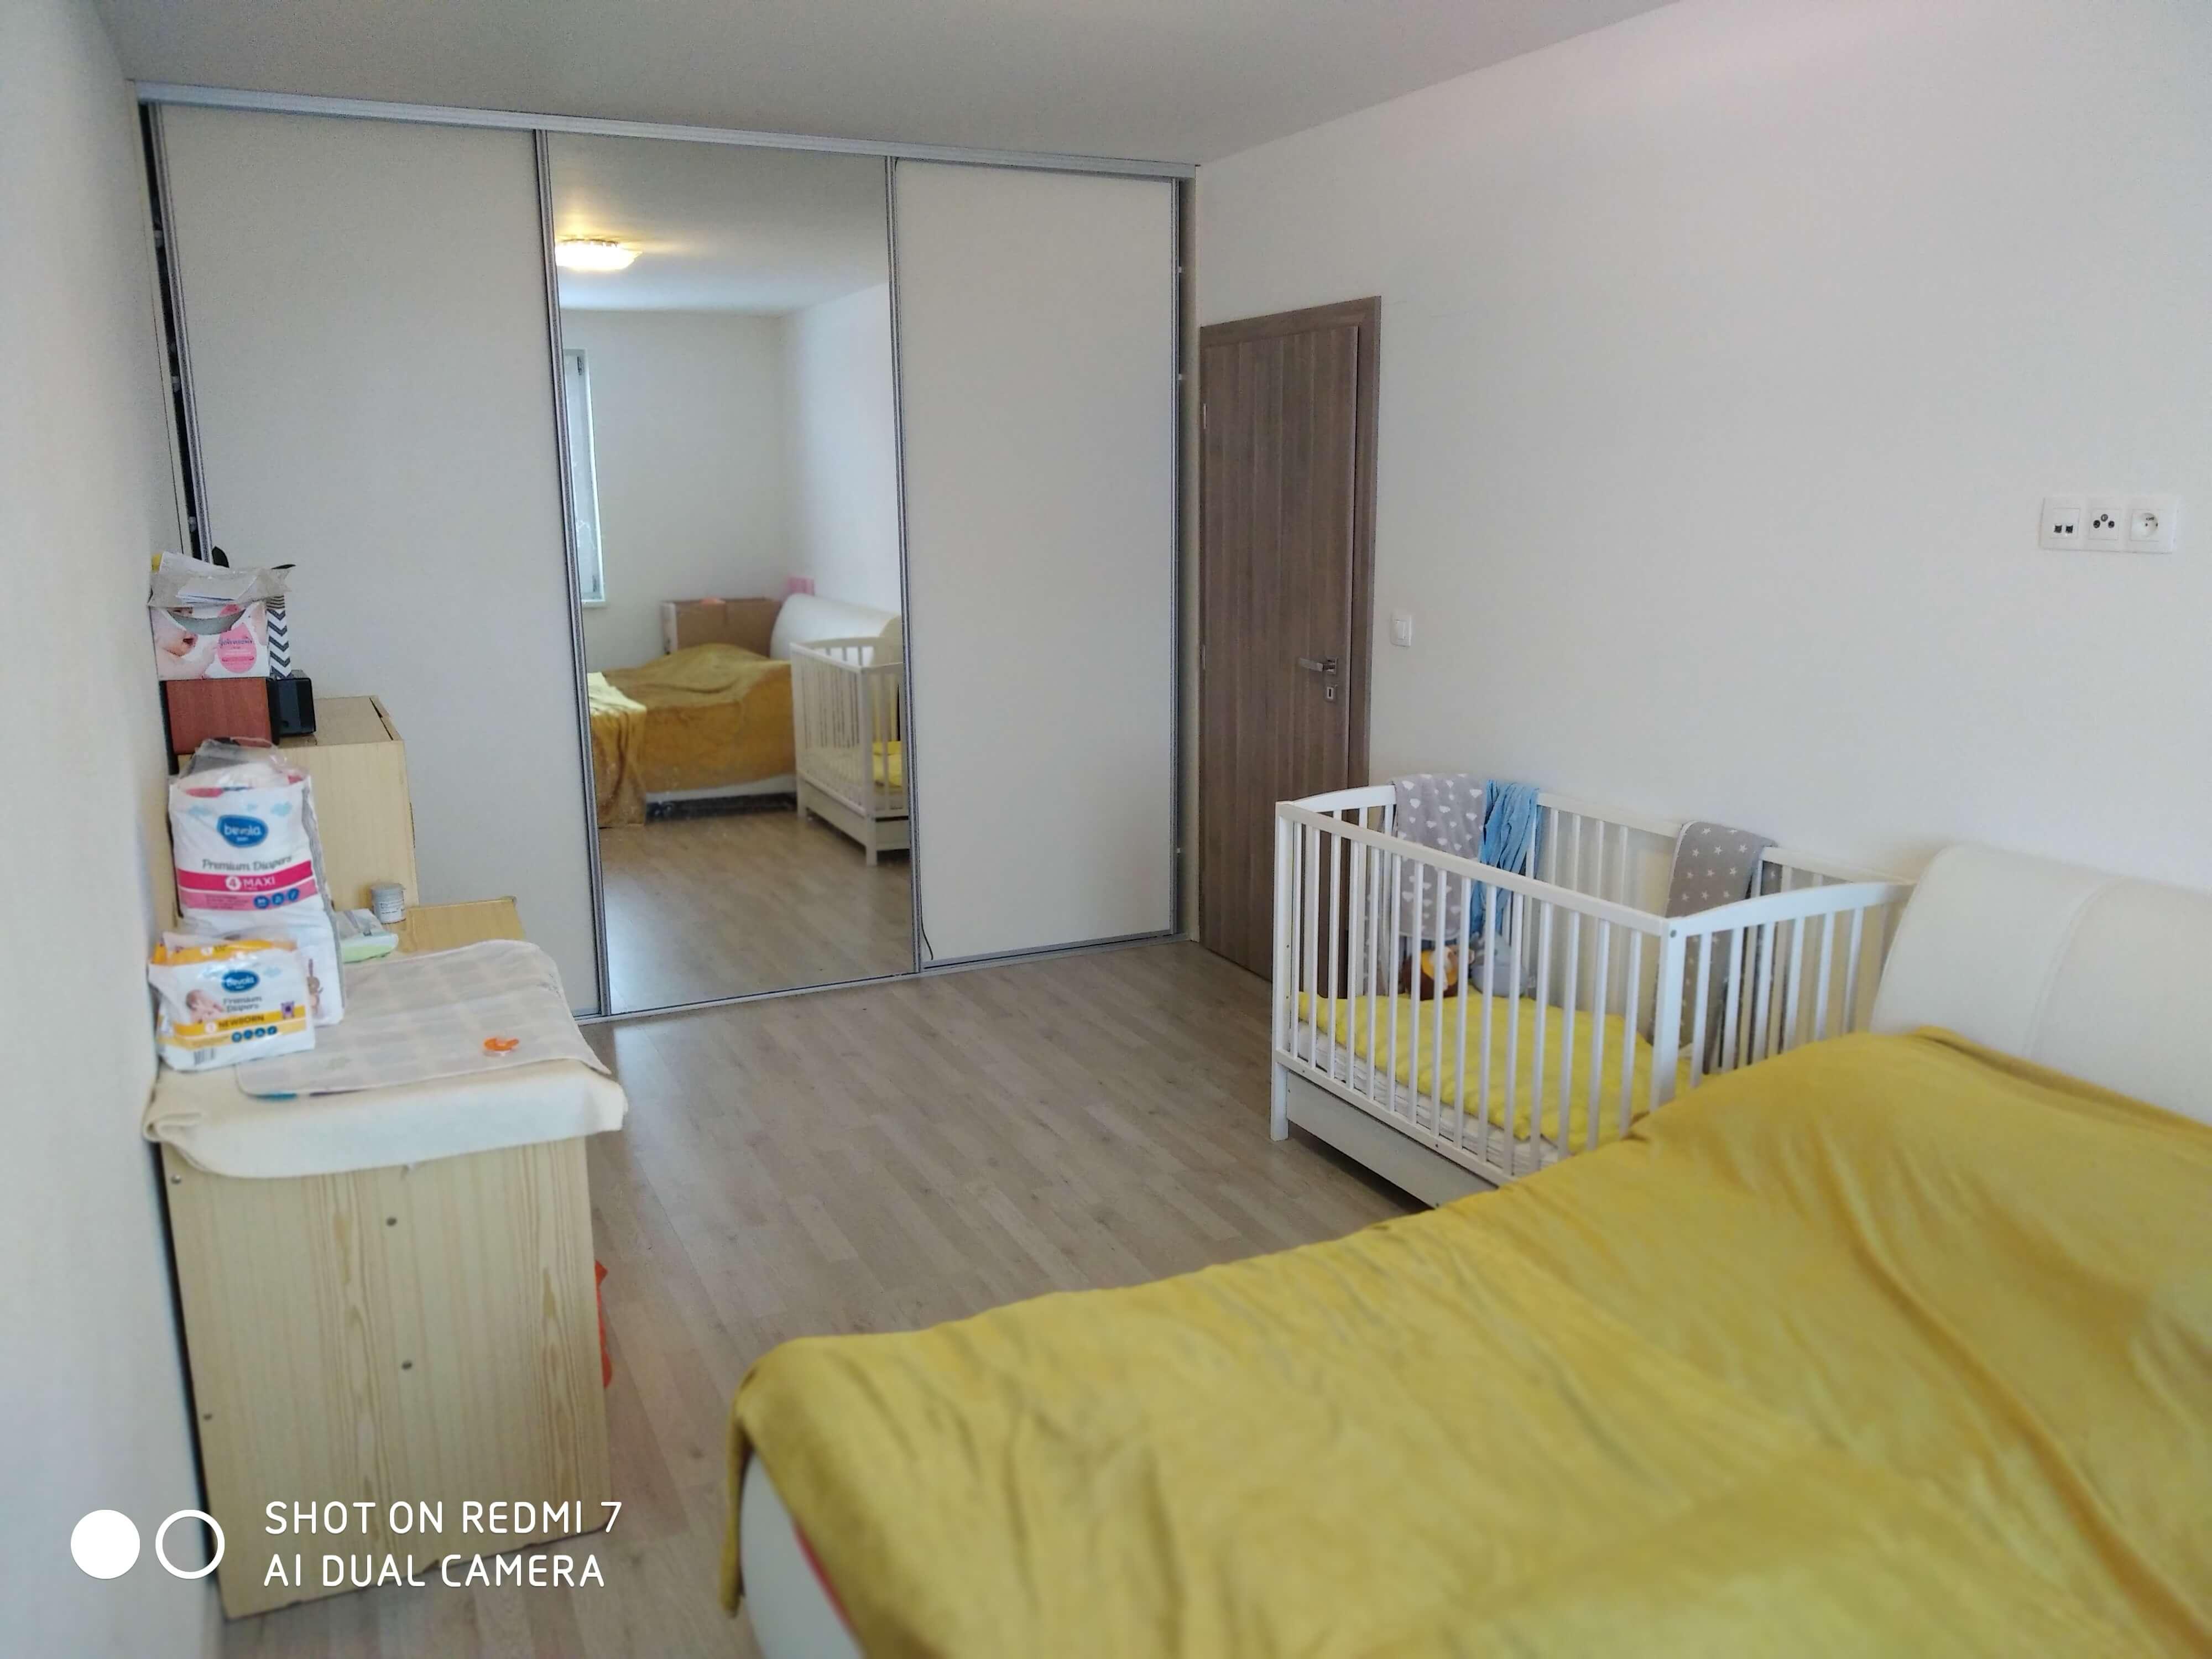 Prenajate: Prenájom 2 izb. byt, Luxusne zariadeny, v tichej lokalite, Brnianska 4, nad Farbičkou, Malacky,-11